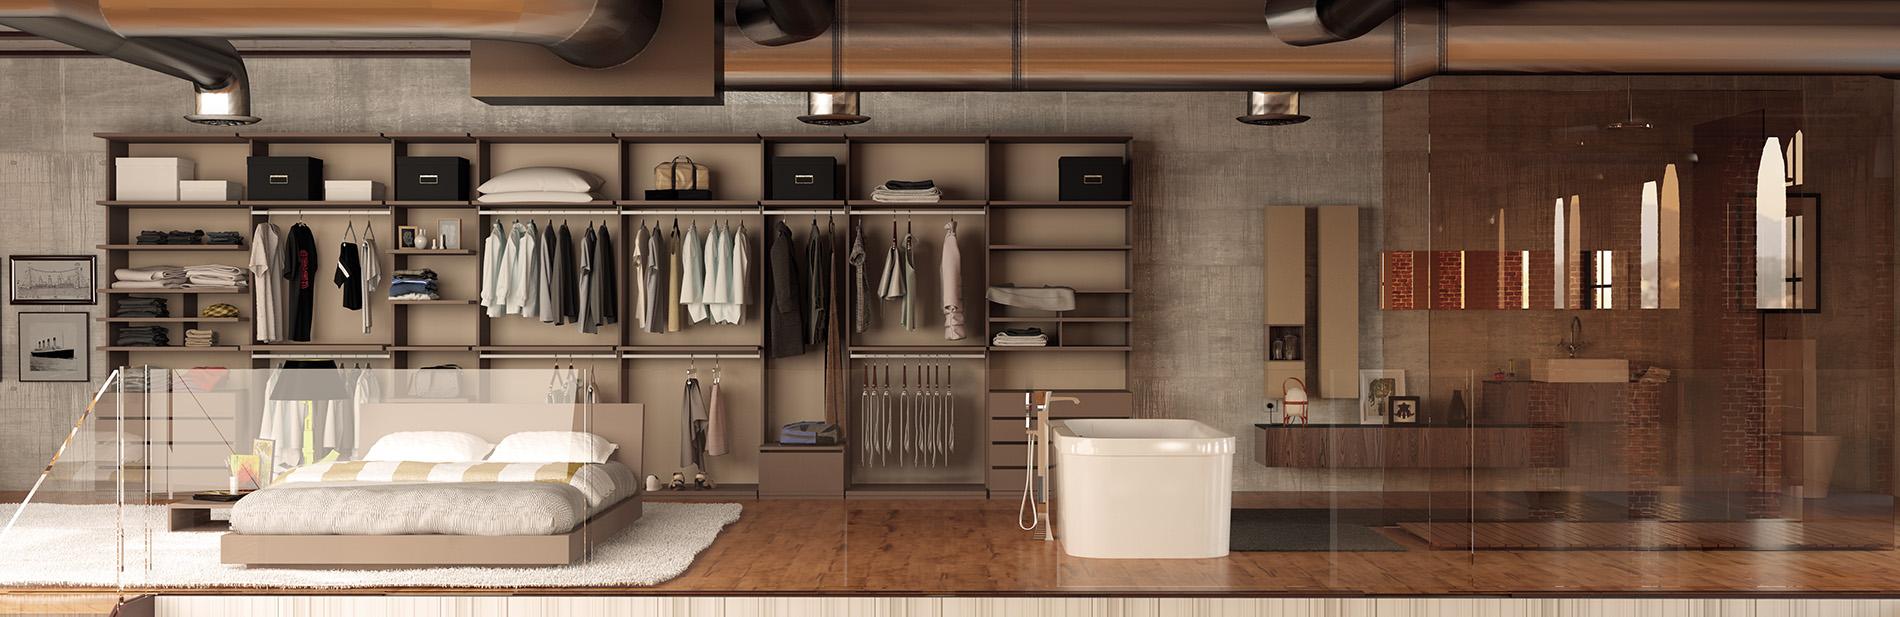 Interiores de armario cocinas metodo for Accesorios para interiores de armarios de cocina